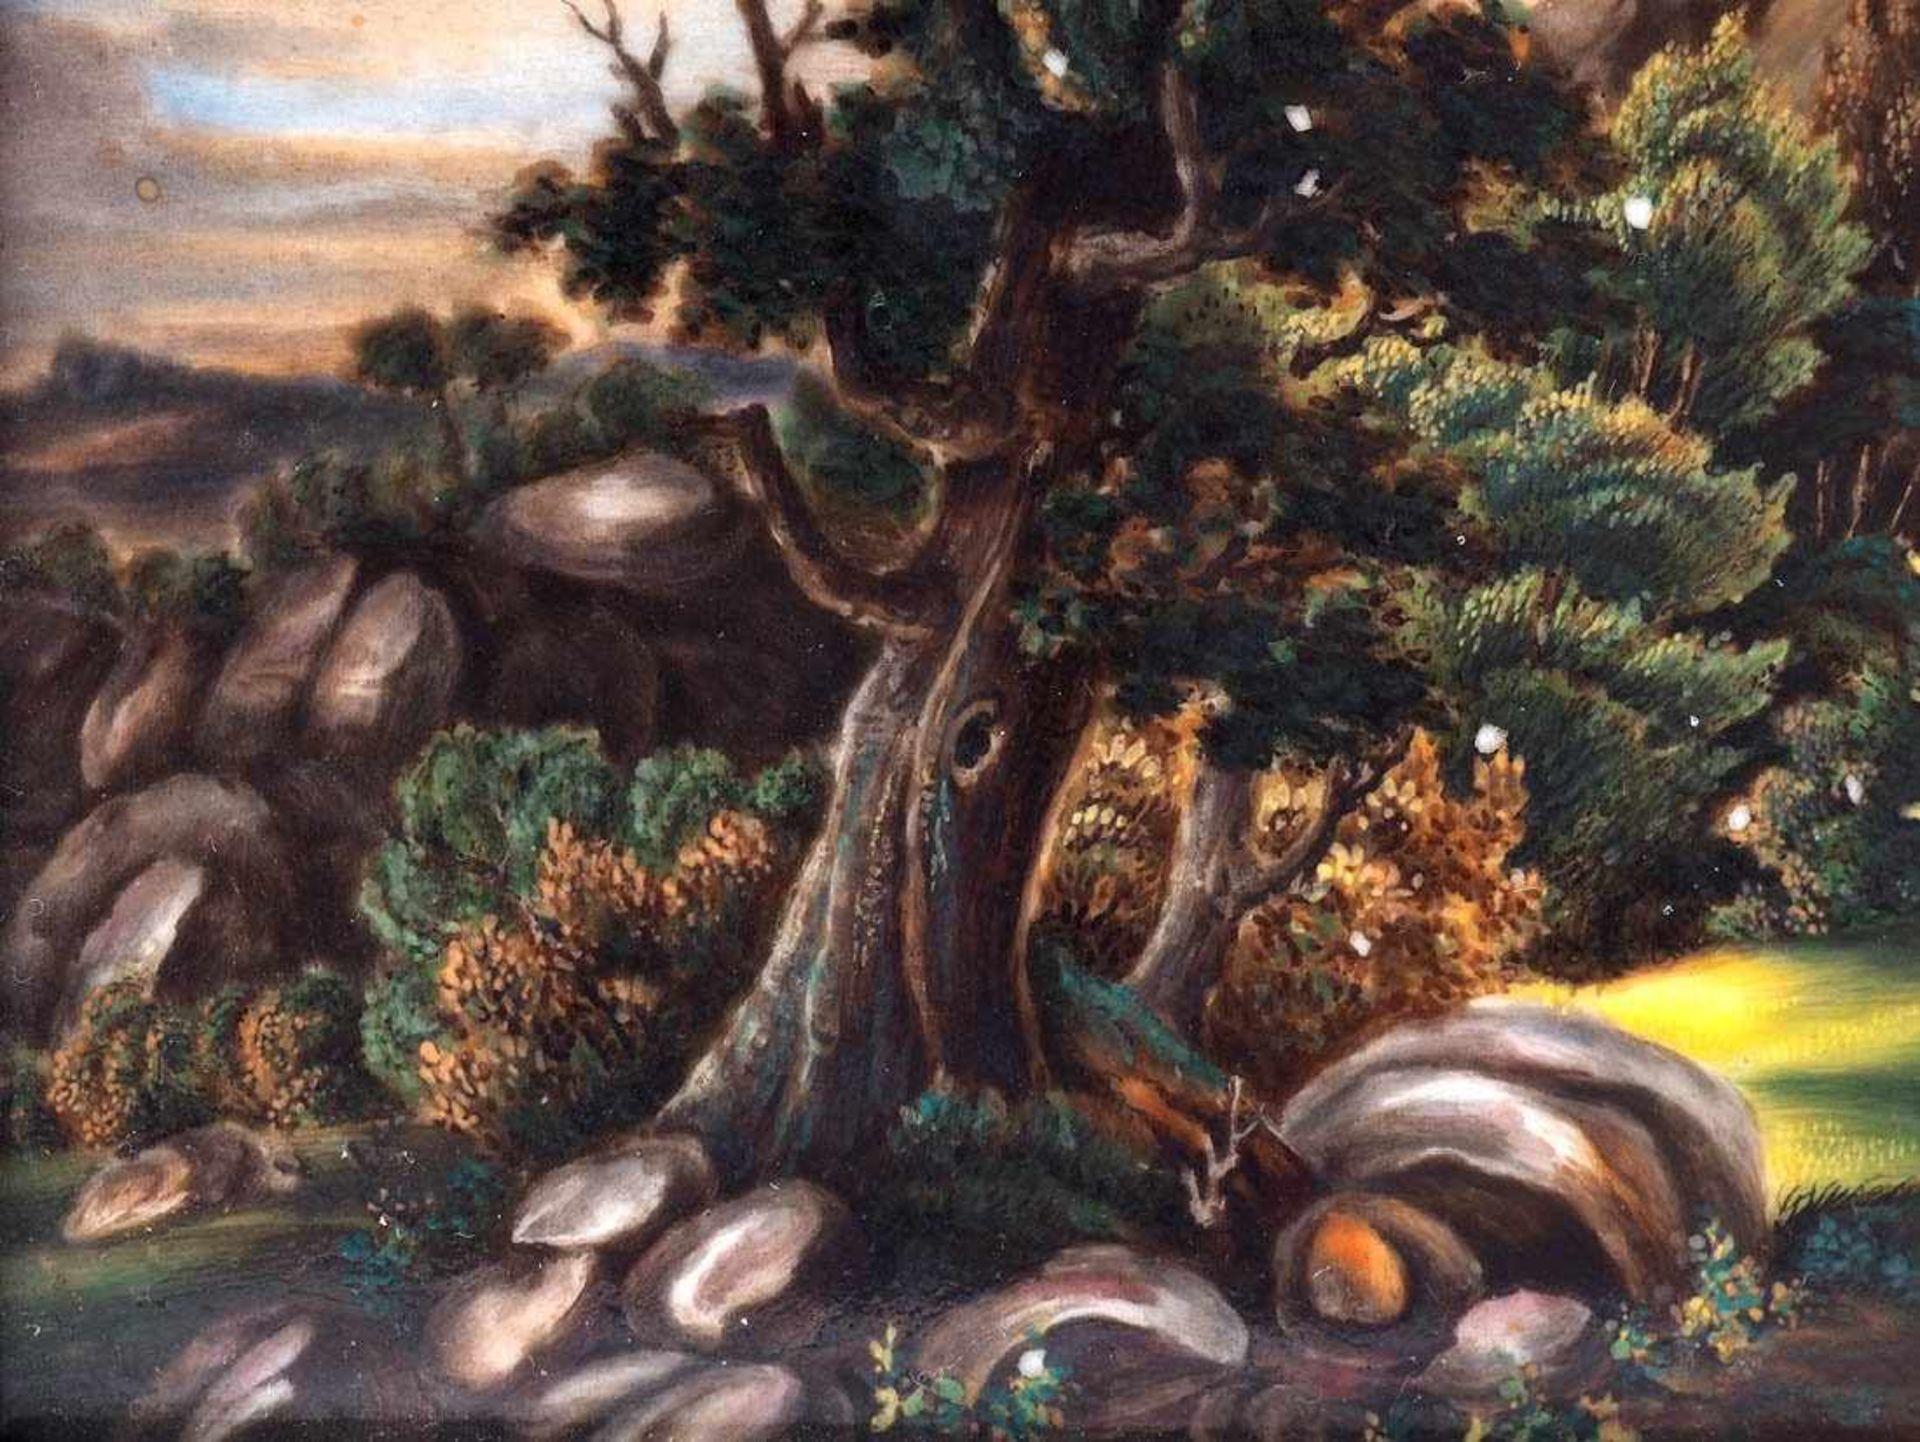 KPM BildplatteBerlin 19. Jh. Porzellanbild mit der Ansicht der alten Wartburg. Königliche - Bild 4 aus 5